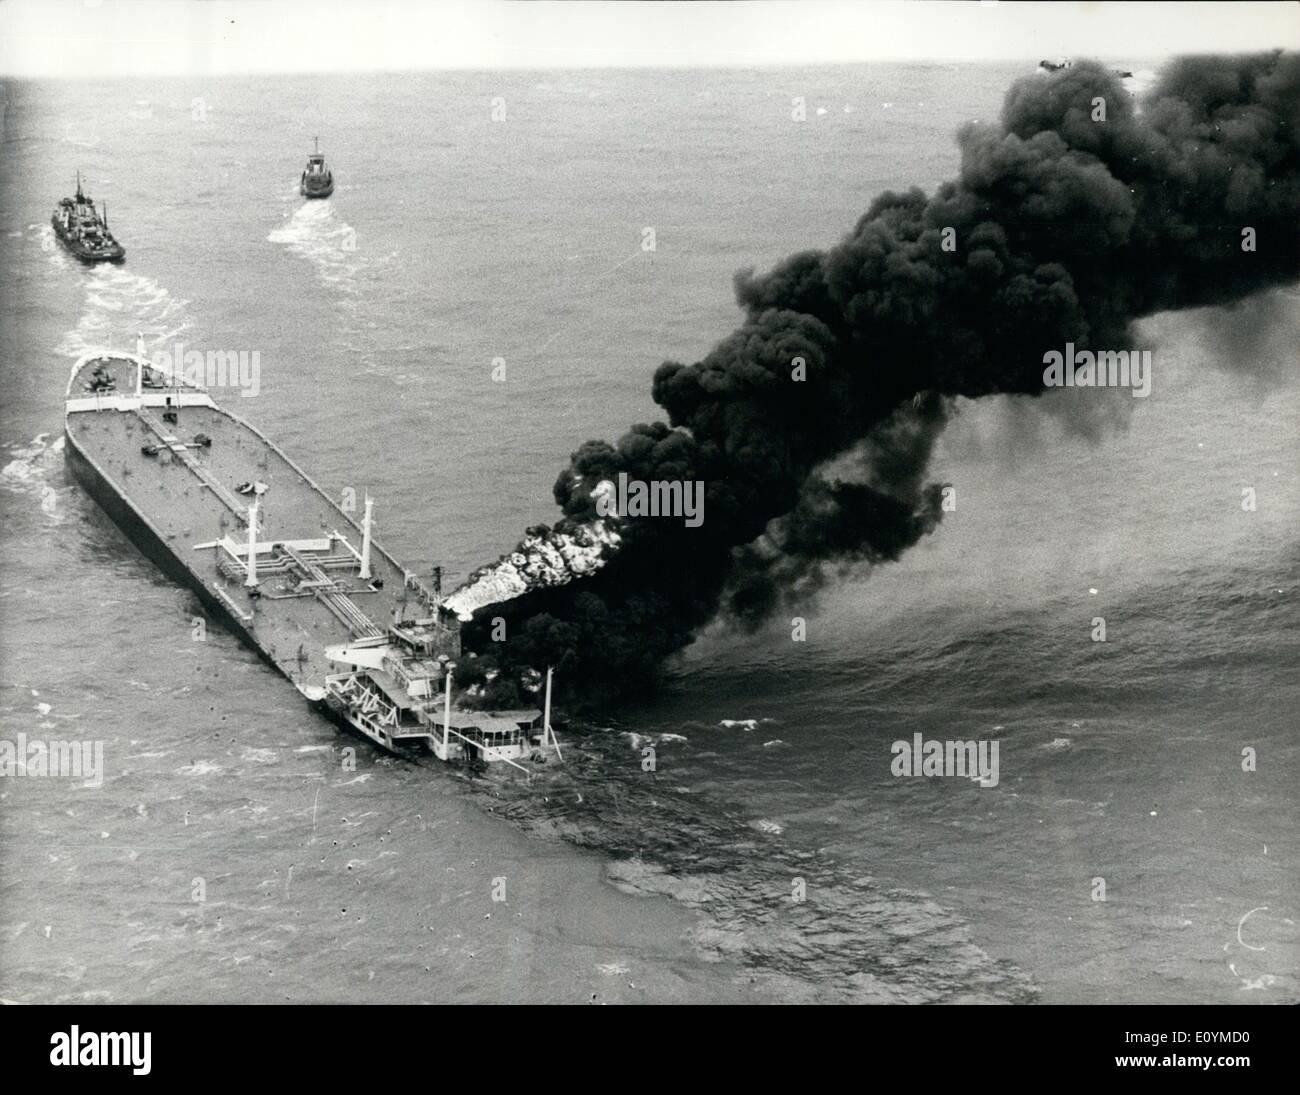 Ottobre 10, 1970 - gigantesca petroliera ''Pacific Gloria'' esplode in fiamme dopo una collisione con un altra petroliera elicotteri navi uniti alla ricerca di sopravvissuti nell'olio-coperta mare al largo dell' Isola di Wight oggi dopo la gigantesca petroliera ''Pacific Gloria'' esploso in fiamme a seguito di una collisione con un altra petroliera ''Allegro''. Una serie di esplosioni strappato la gloria del Pacifico (45.000 ton) oltre, ma allegro era difficilmente danneggiati. Cinque corpi sono stati recuperati dalla petroliera fulminea e altri otto marinai sono creduto morto a bordo Immagini Stock